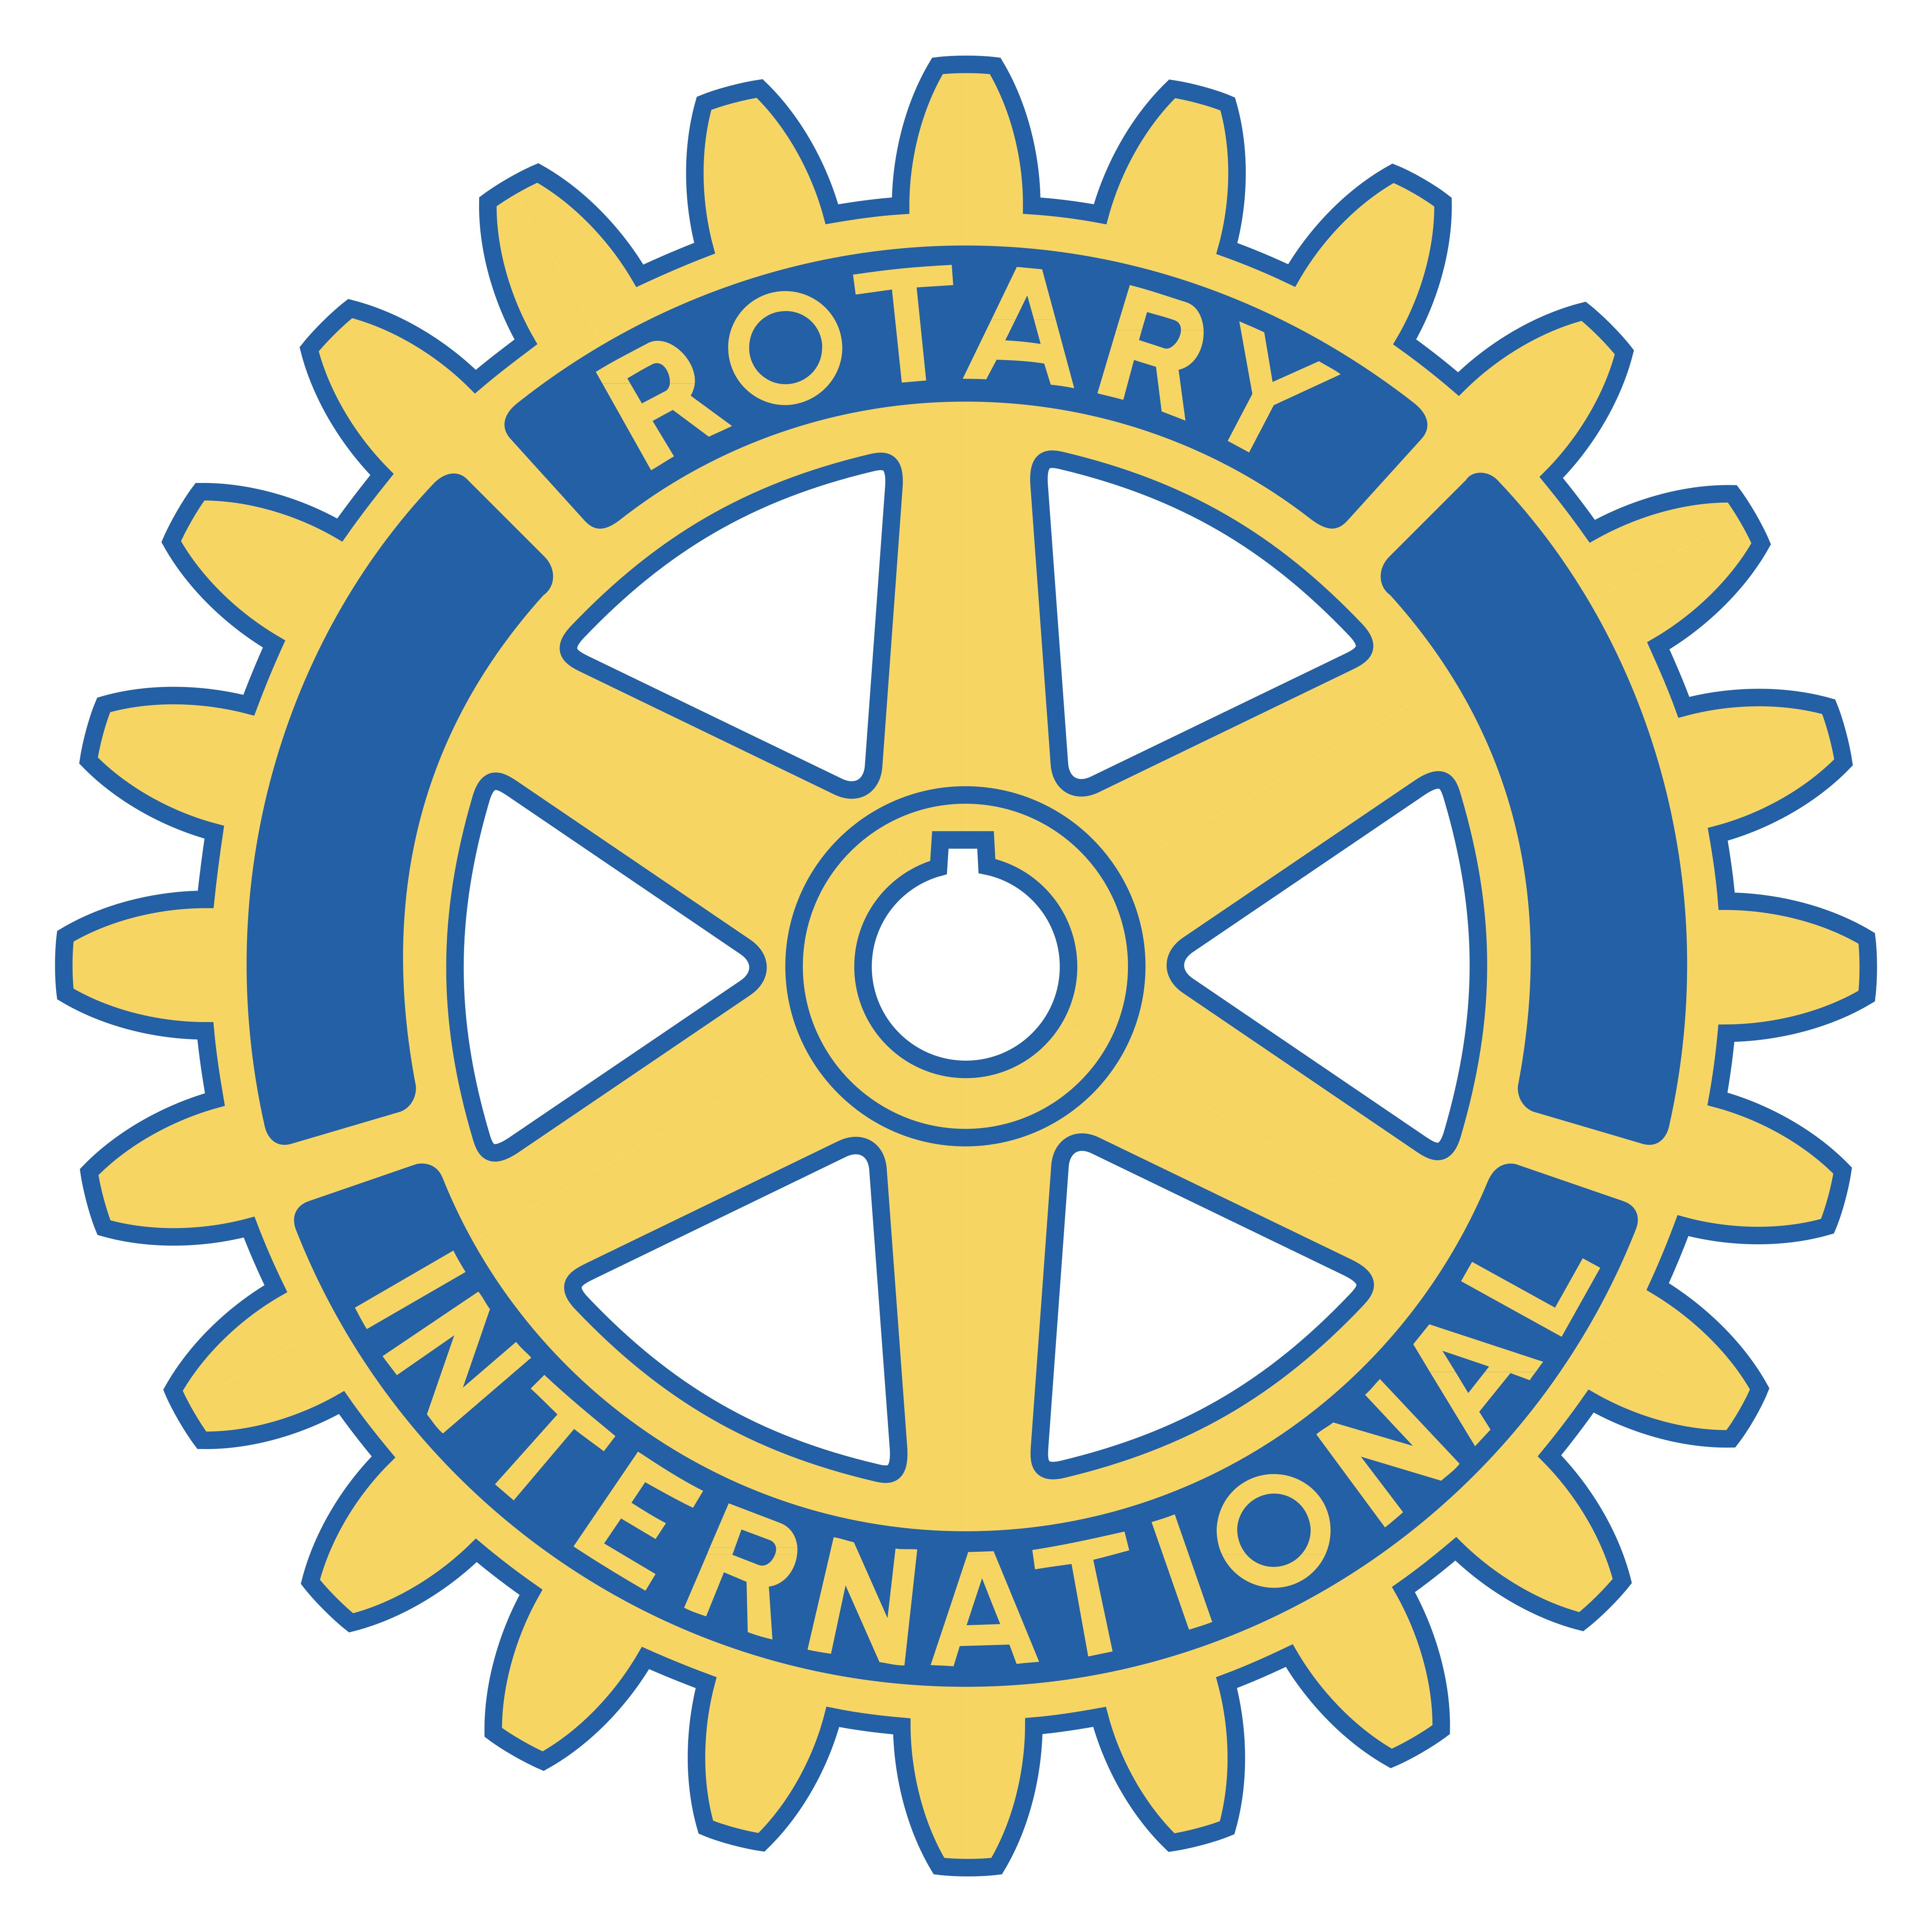 Rotary_International_logo_yellow